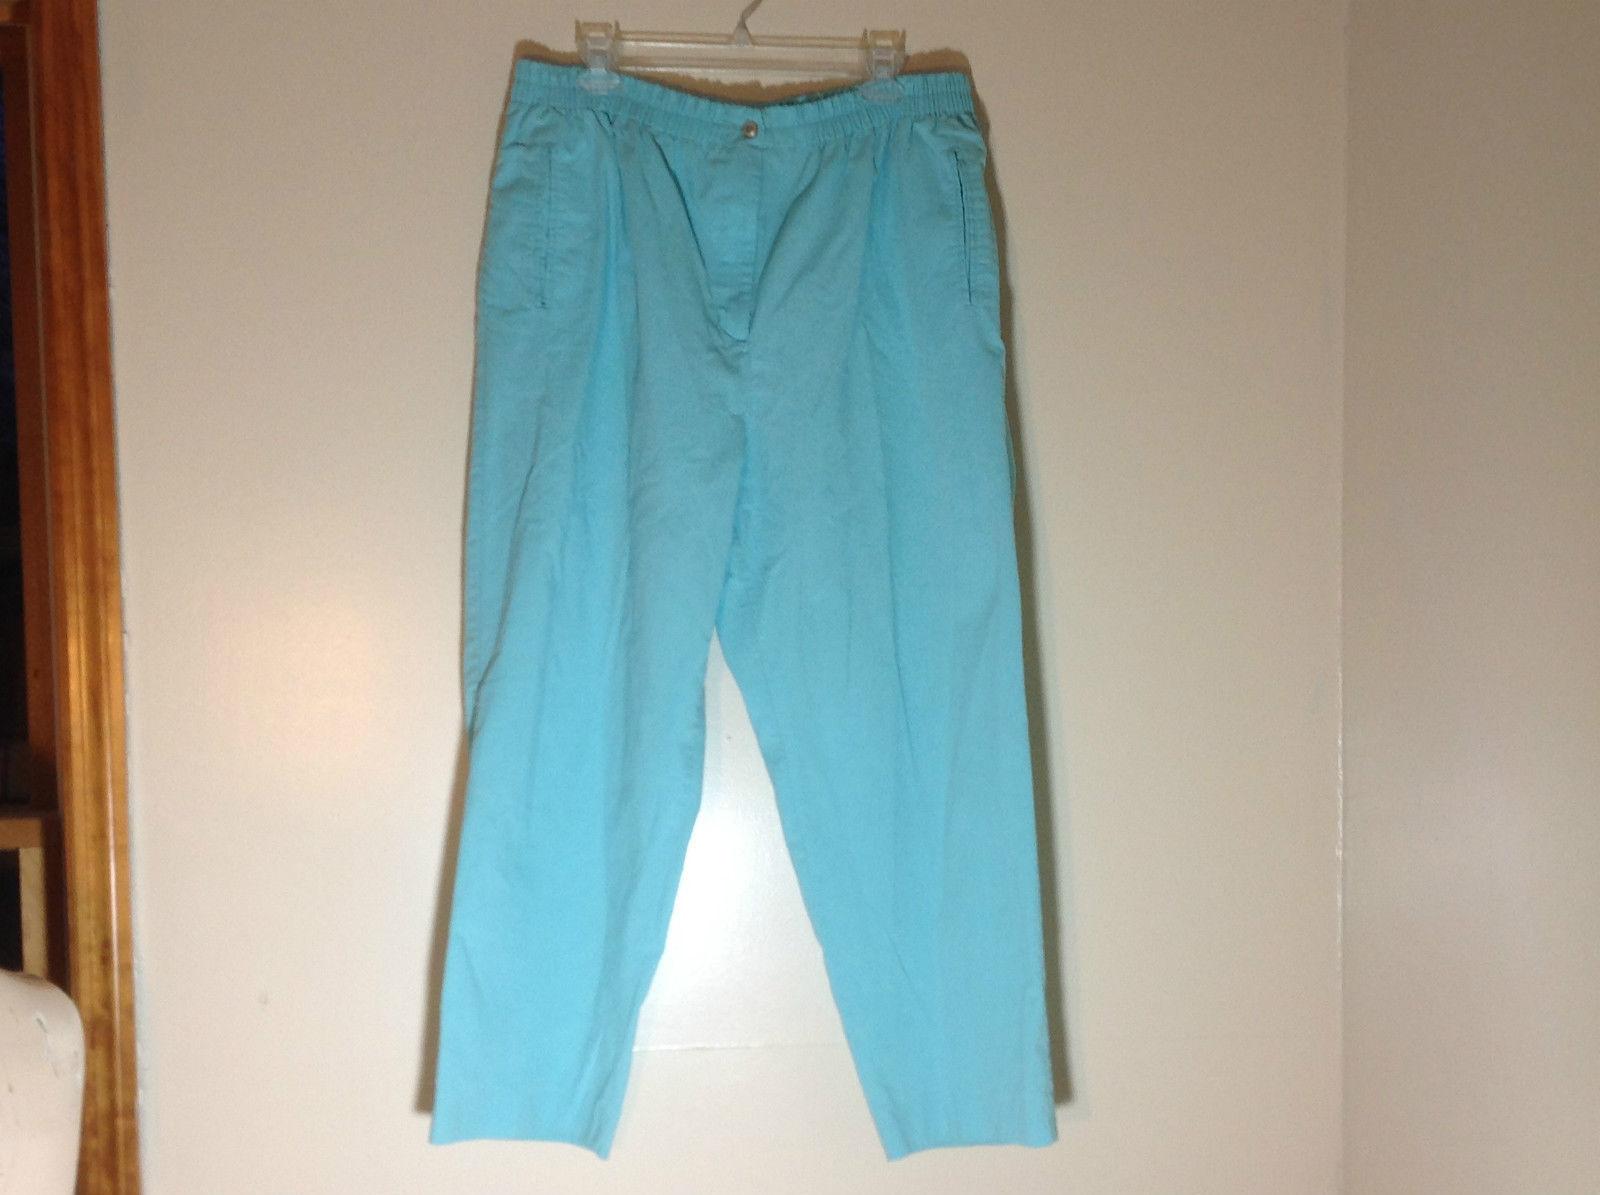 Karen Scott Light Blue Pants Elastic Waistband Zipper and Button Closure Size 18